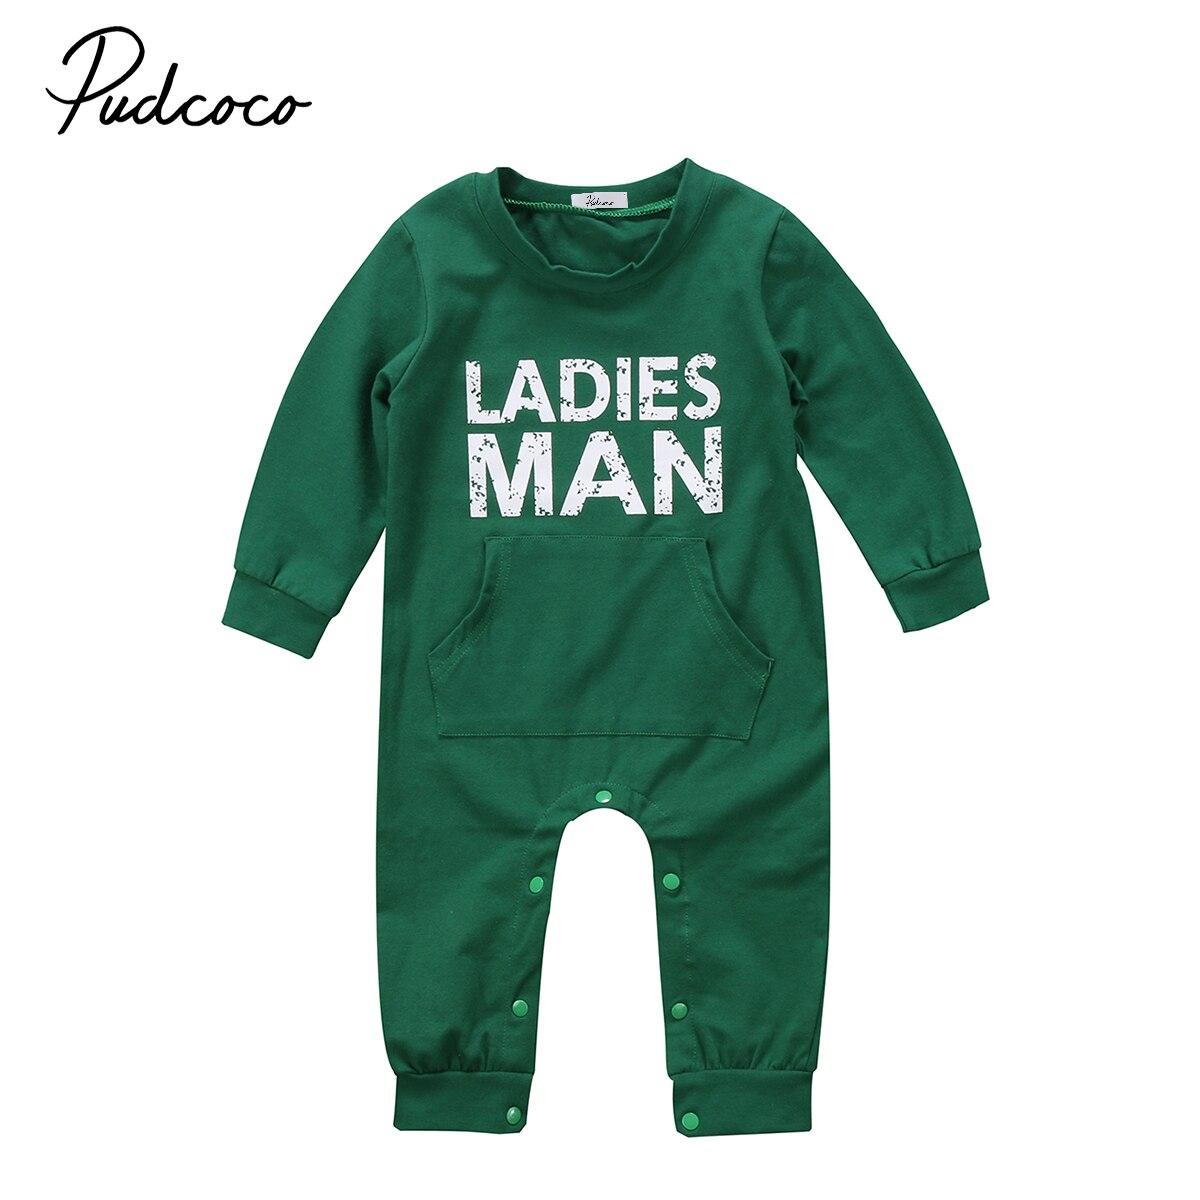 Pudcoco для новорожденных детей Обувь для мальчиков Обувь для девочек Комбинезон зеленый цельный комбинезон, костюм хлопок осенне-зимняя одеж...